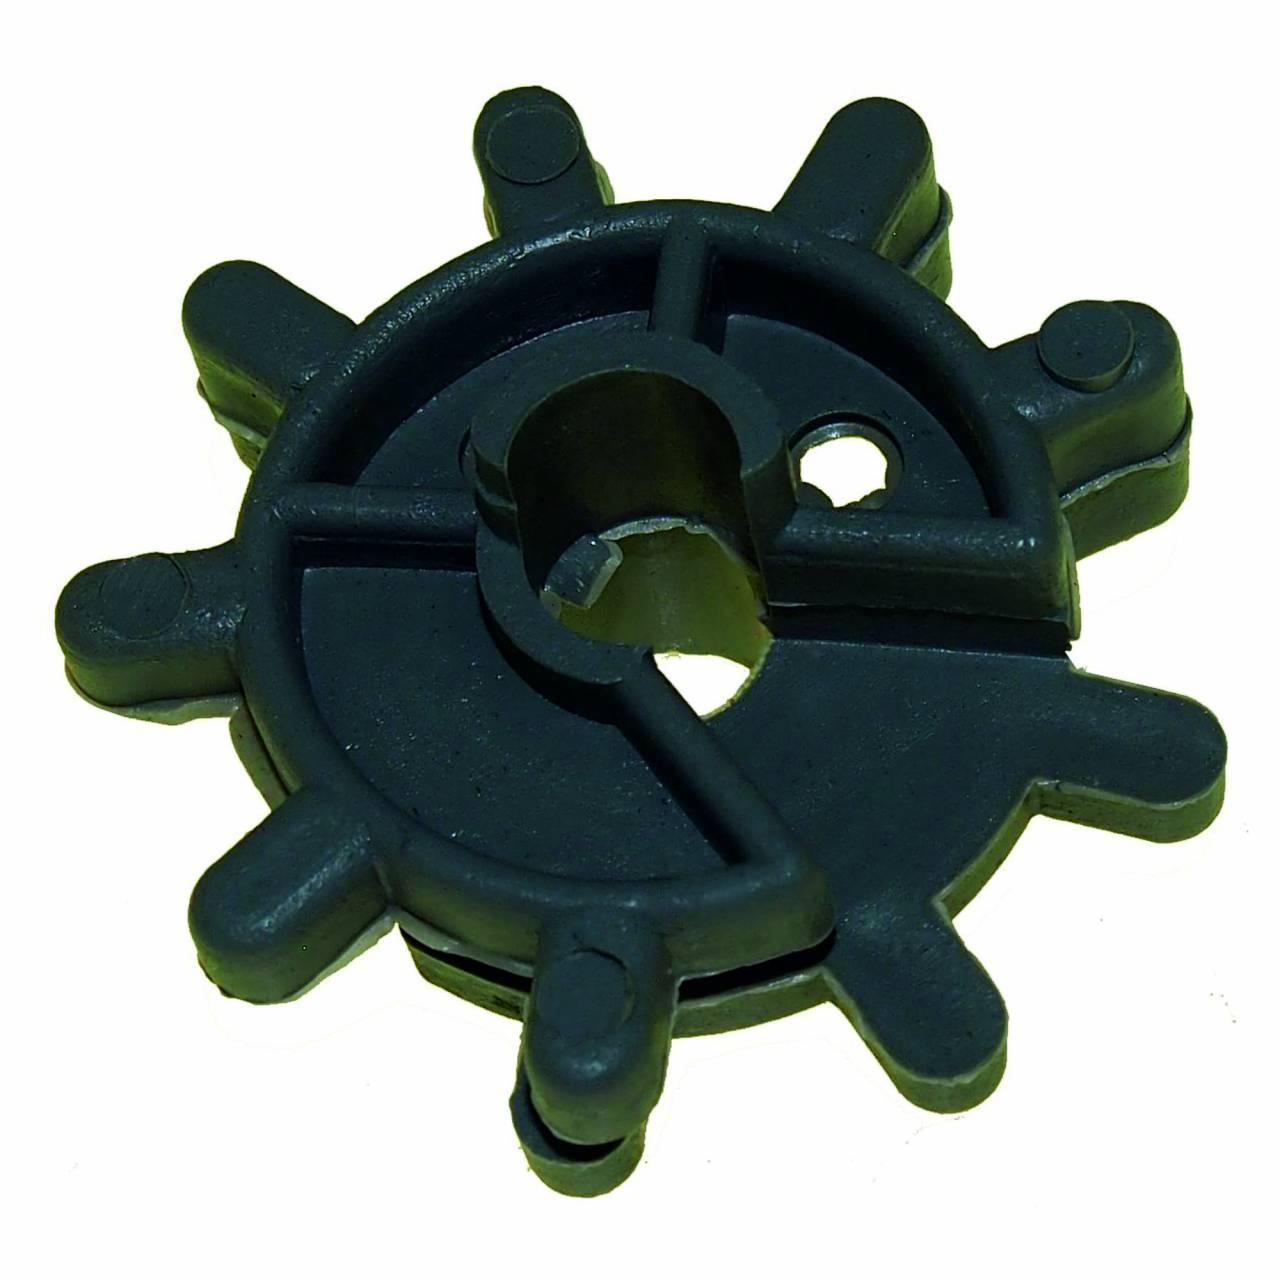 GARANT 5-10 / KB 5 mm Armierungs-Abstandhalter / Krt a 2.000 Stück